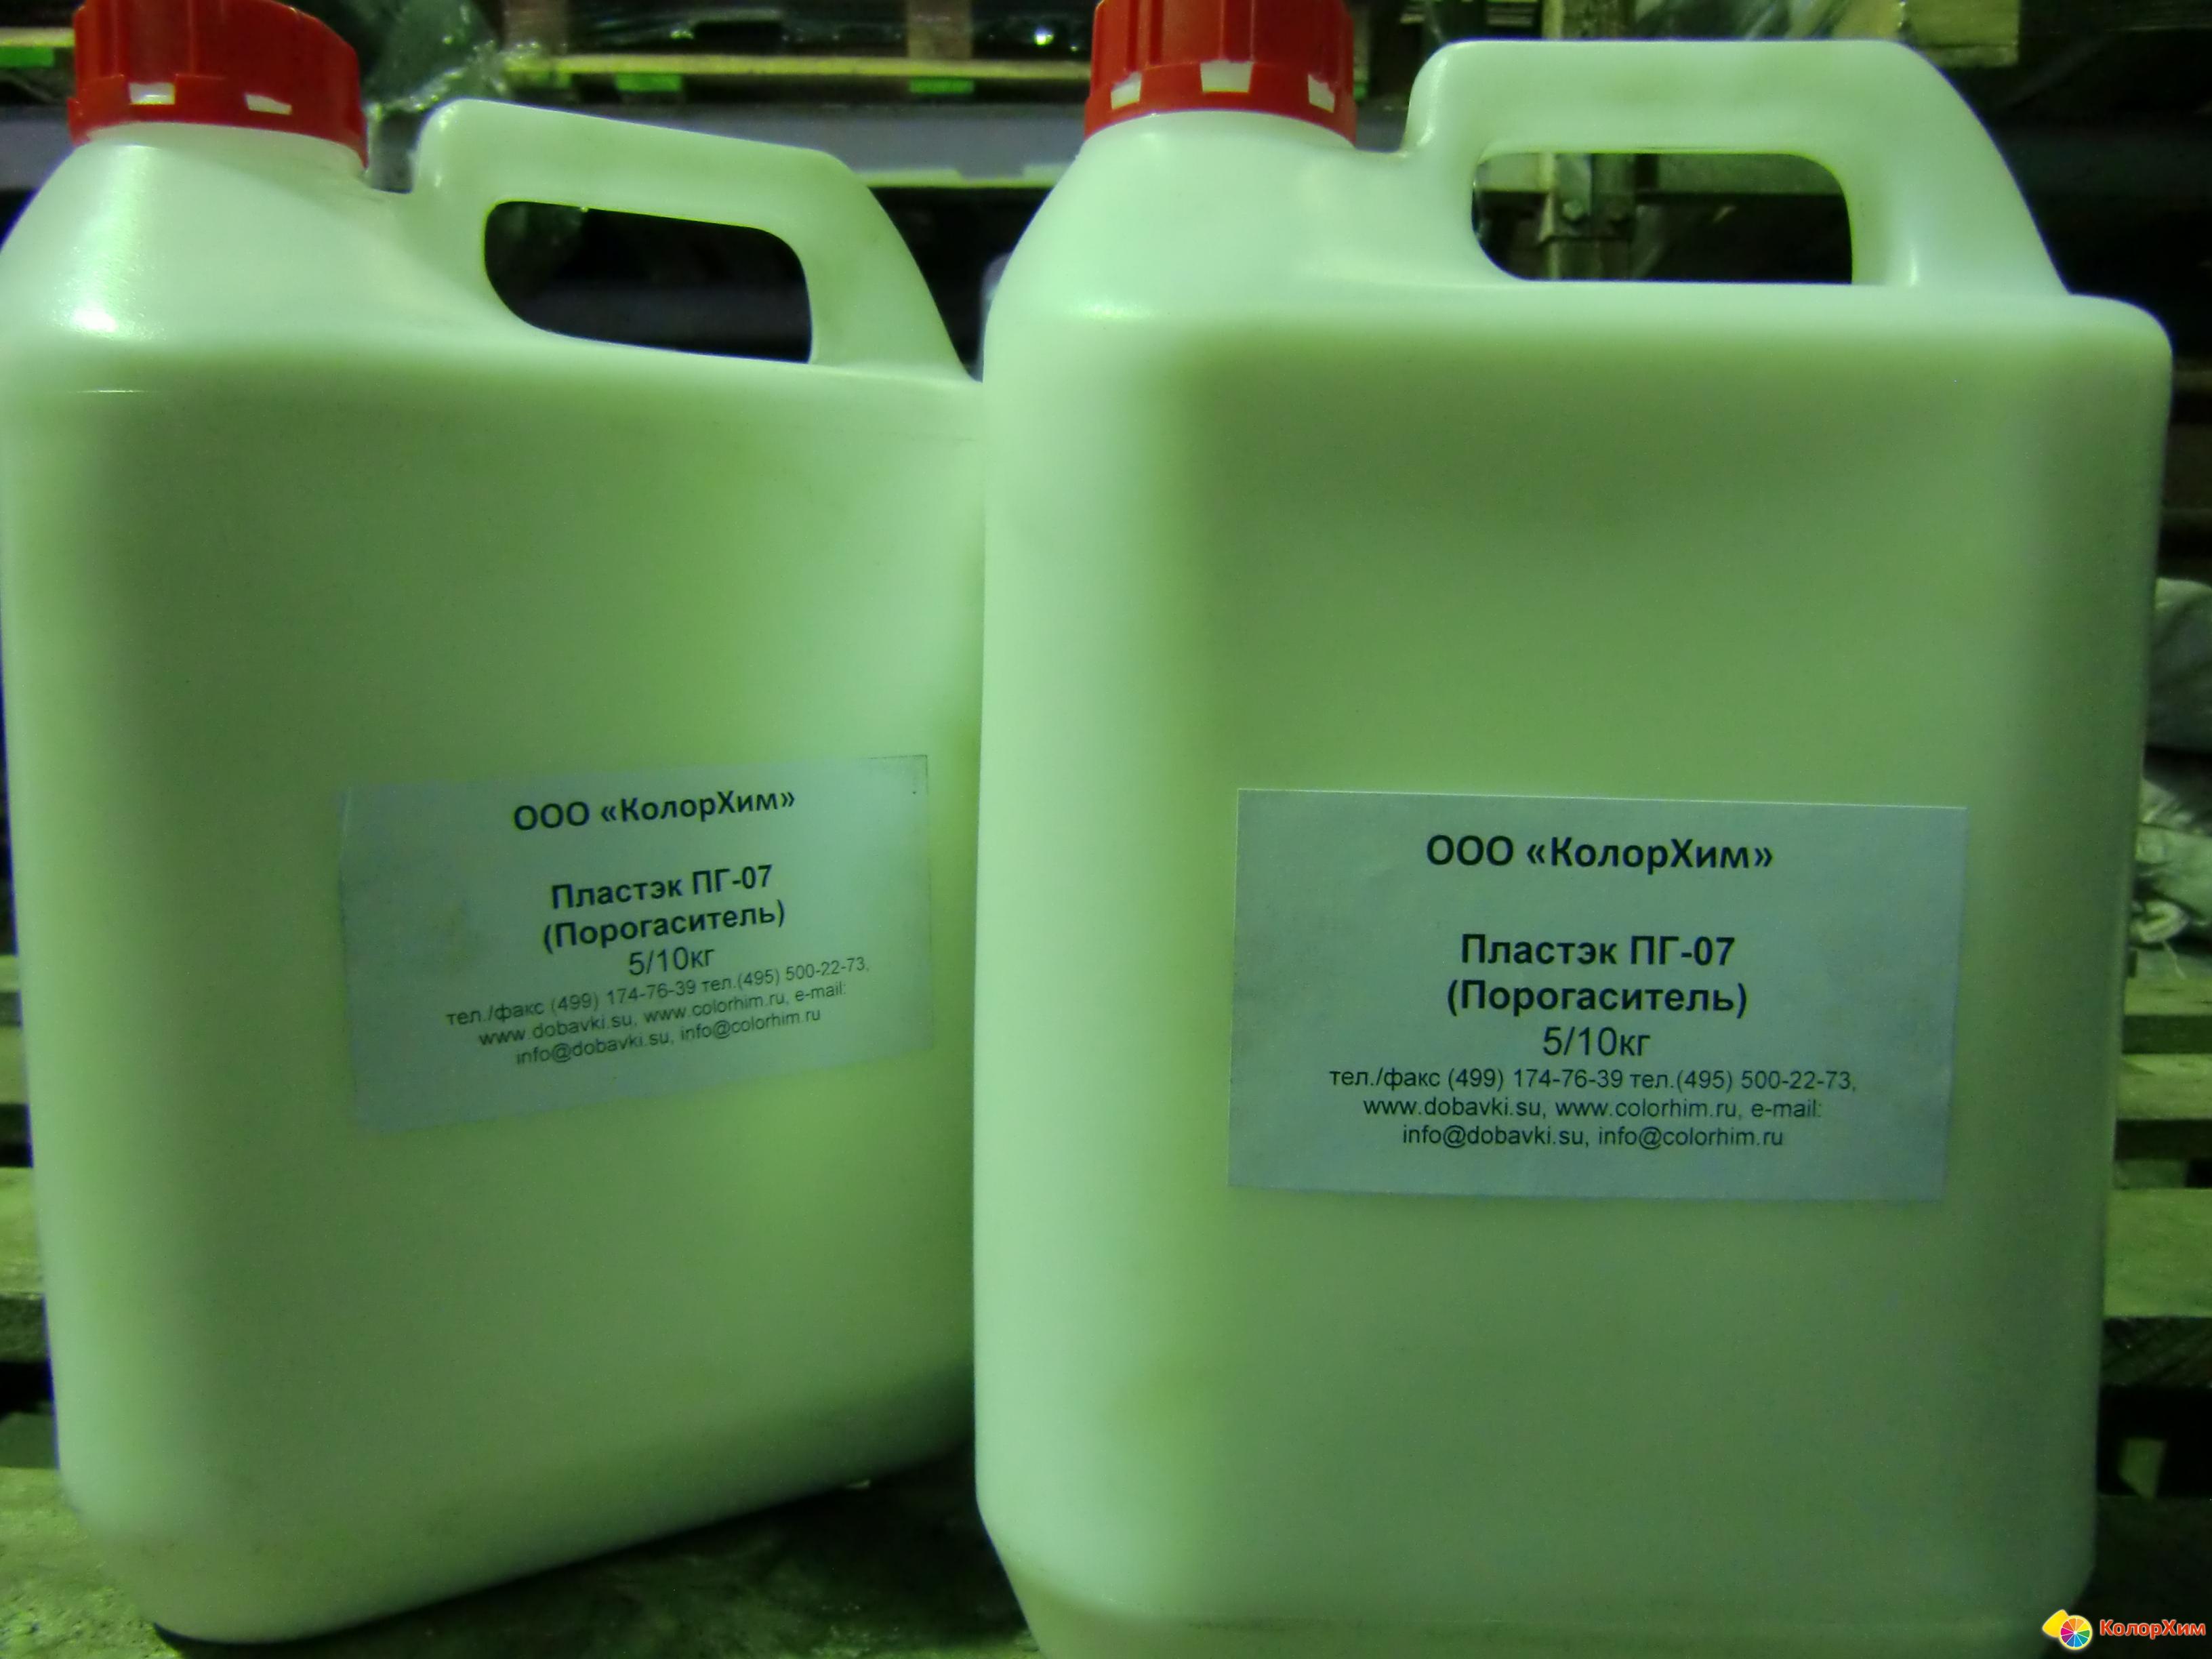 Порогаситель для бетона керамзитобетон блоки алексин